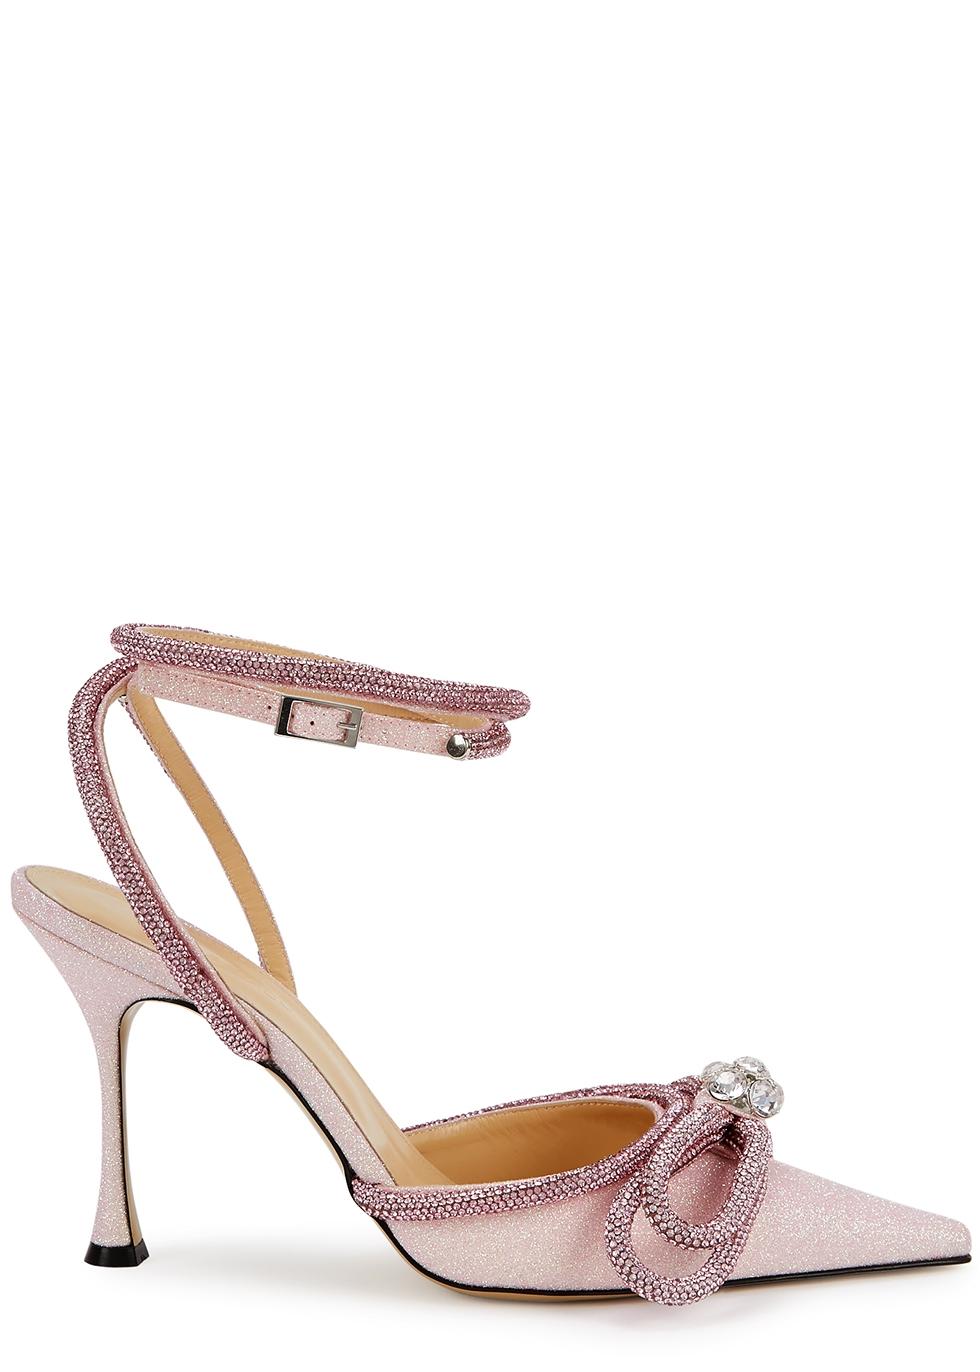 100 pink crystal-embellished glittered pumps